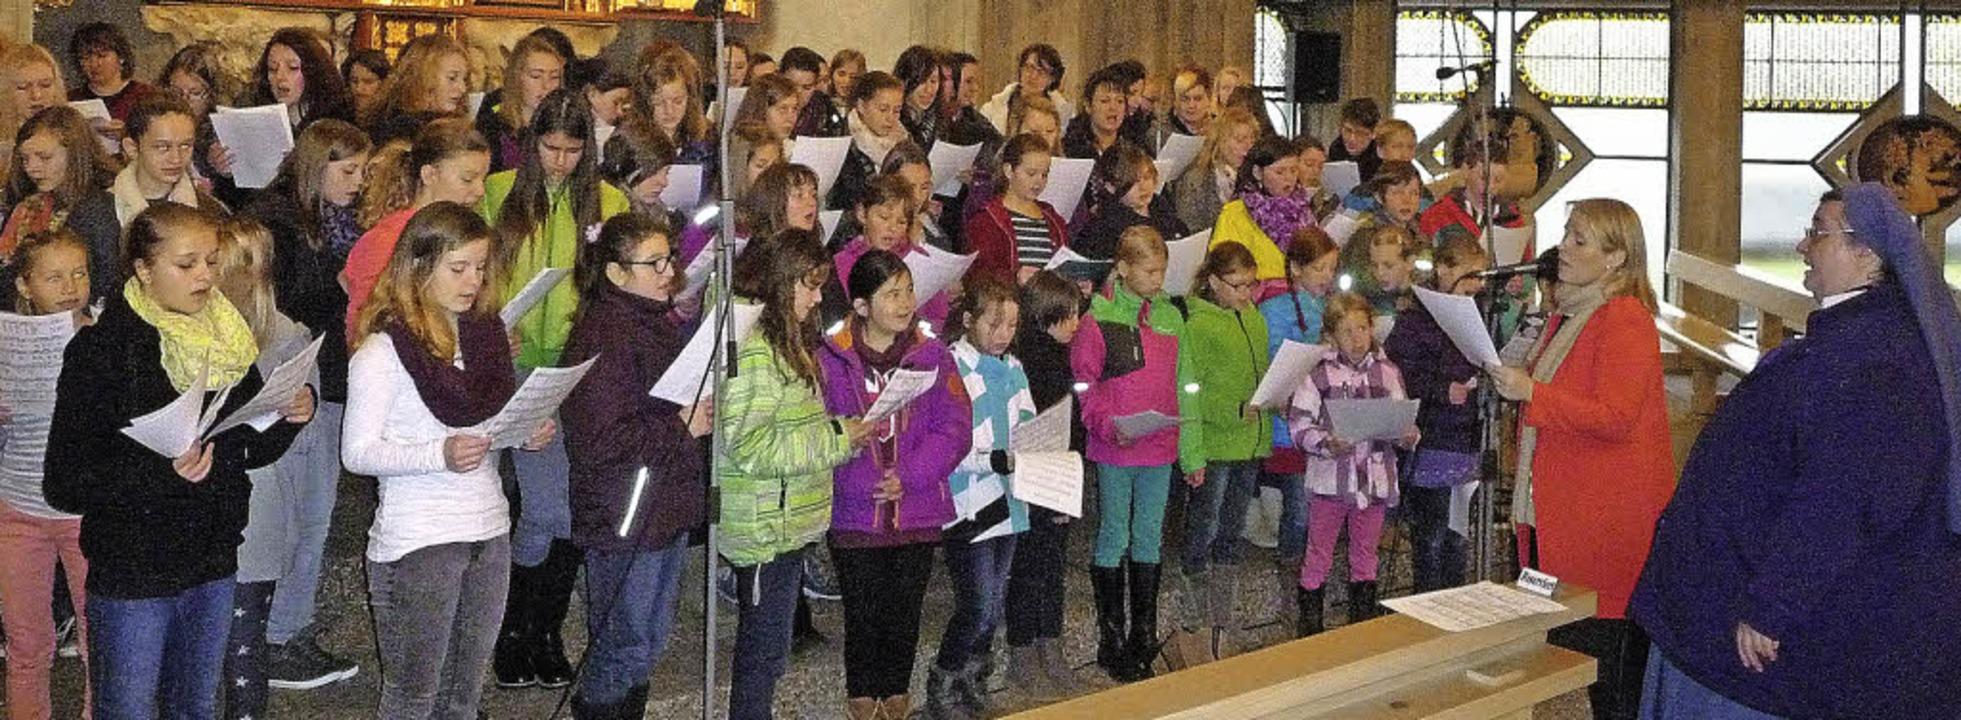 Beim Proben mit Maite Kelley (in Rot) ...geeinheit vor großem Publikum singen.     Foto: privat